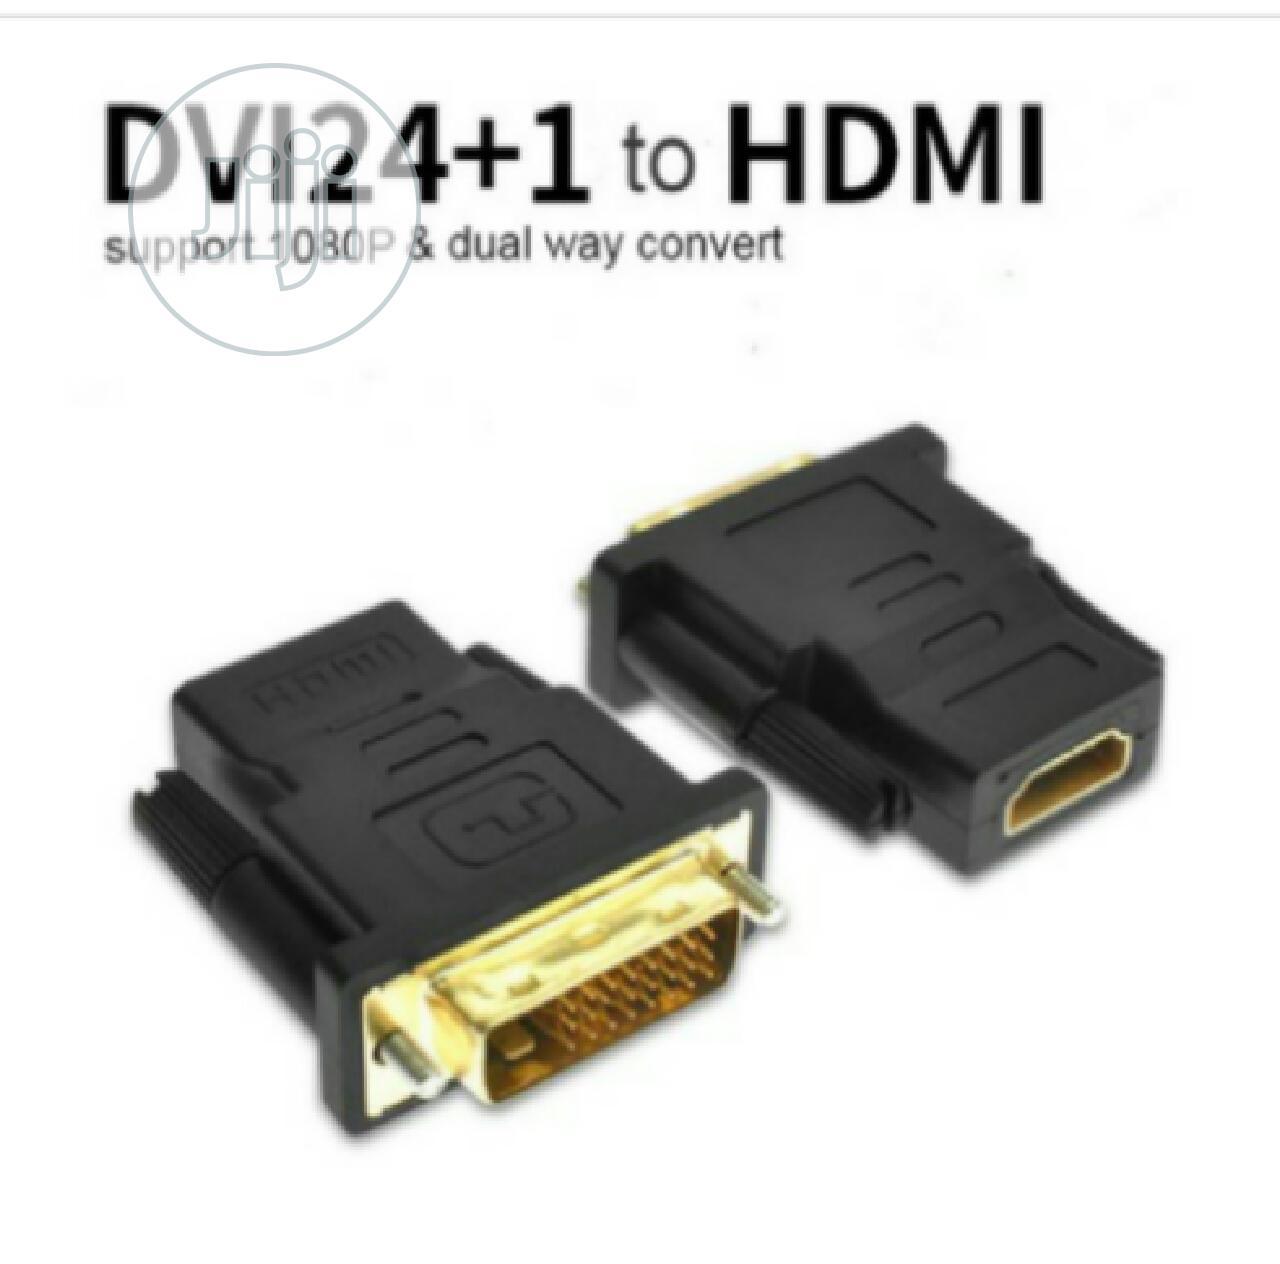 Dvi To HDMI